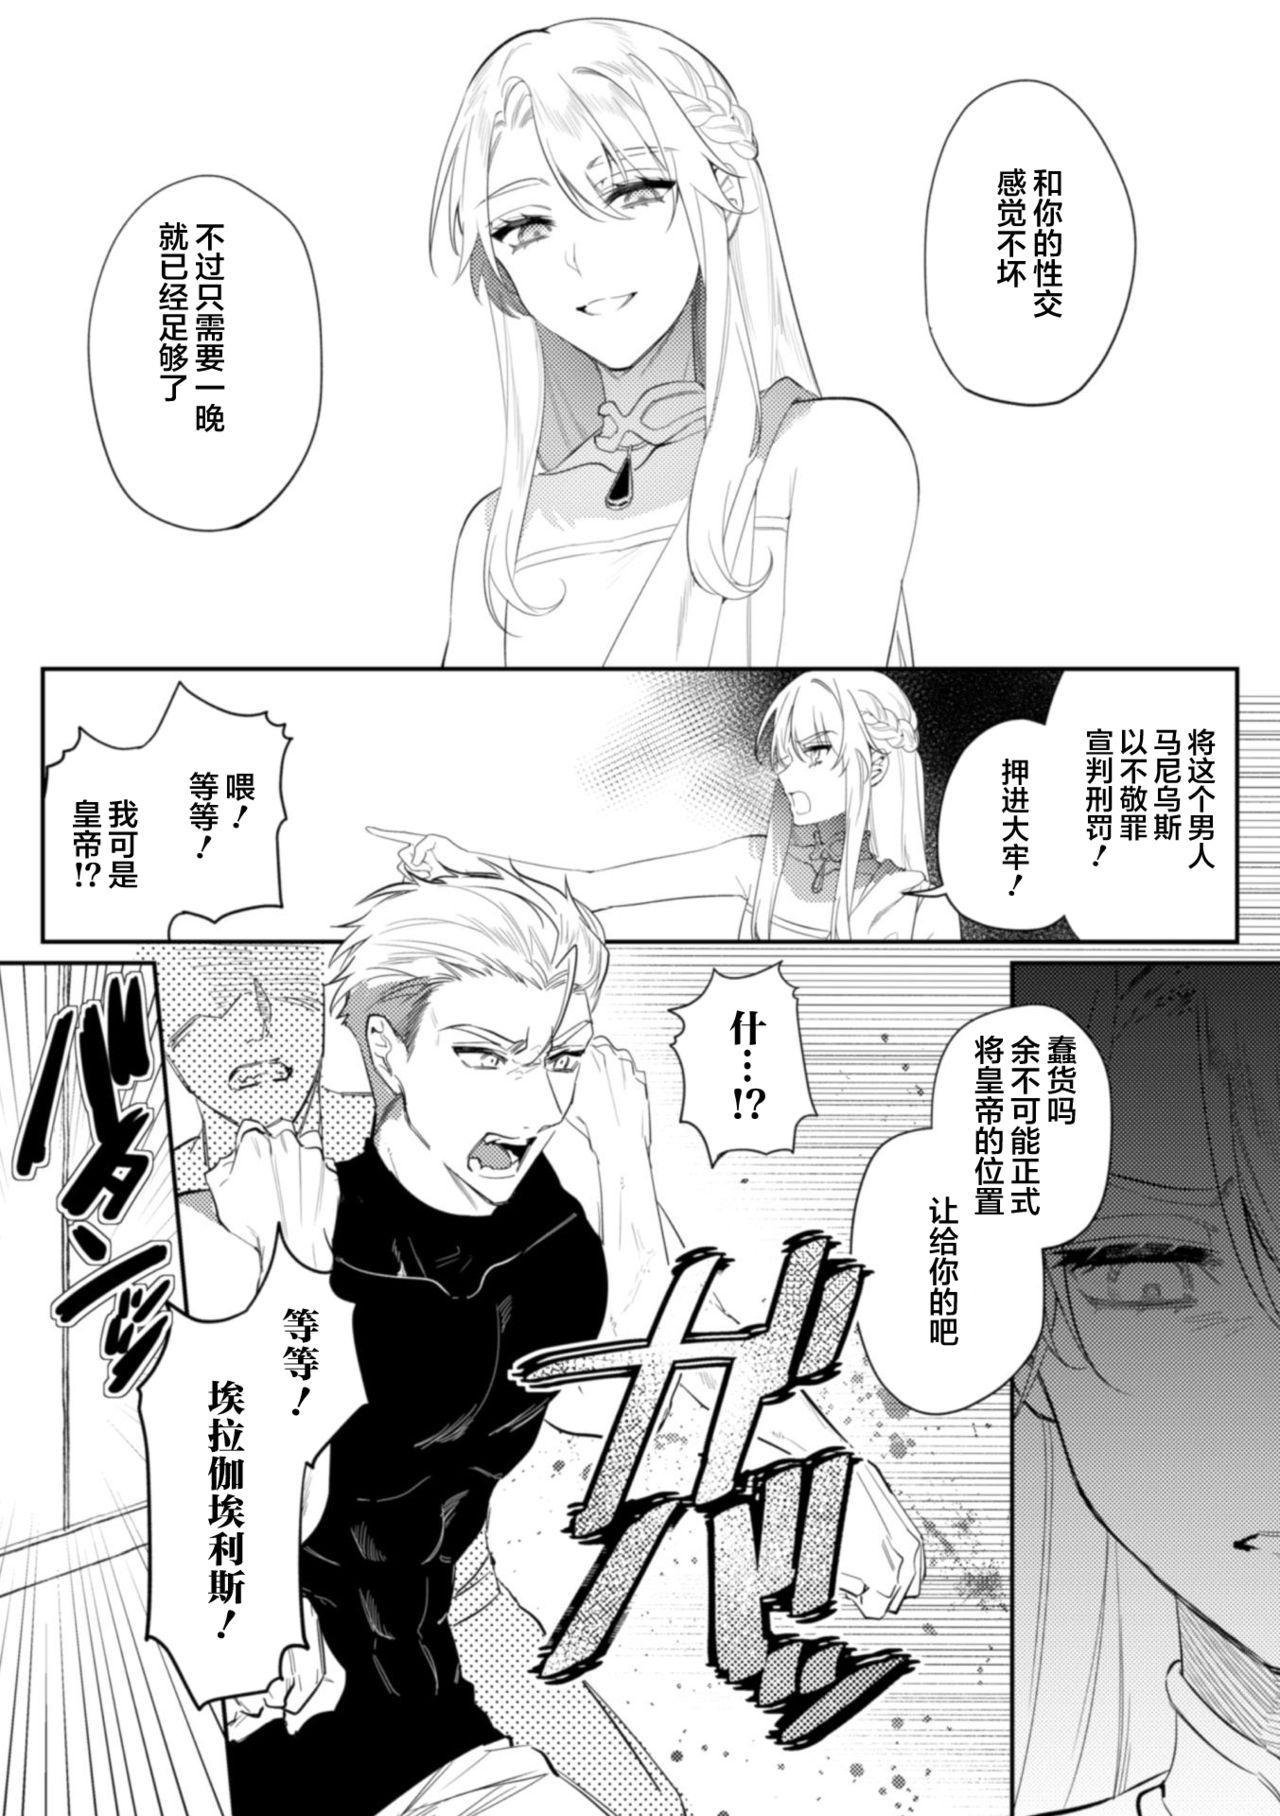 [Hagiyoshi] Intou Kyuuteishi ~Intei to Yobareta Bishounen~ Ch. 2Chinese]【不可视汉化】 28